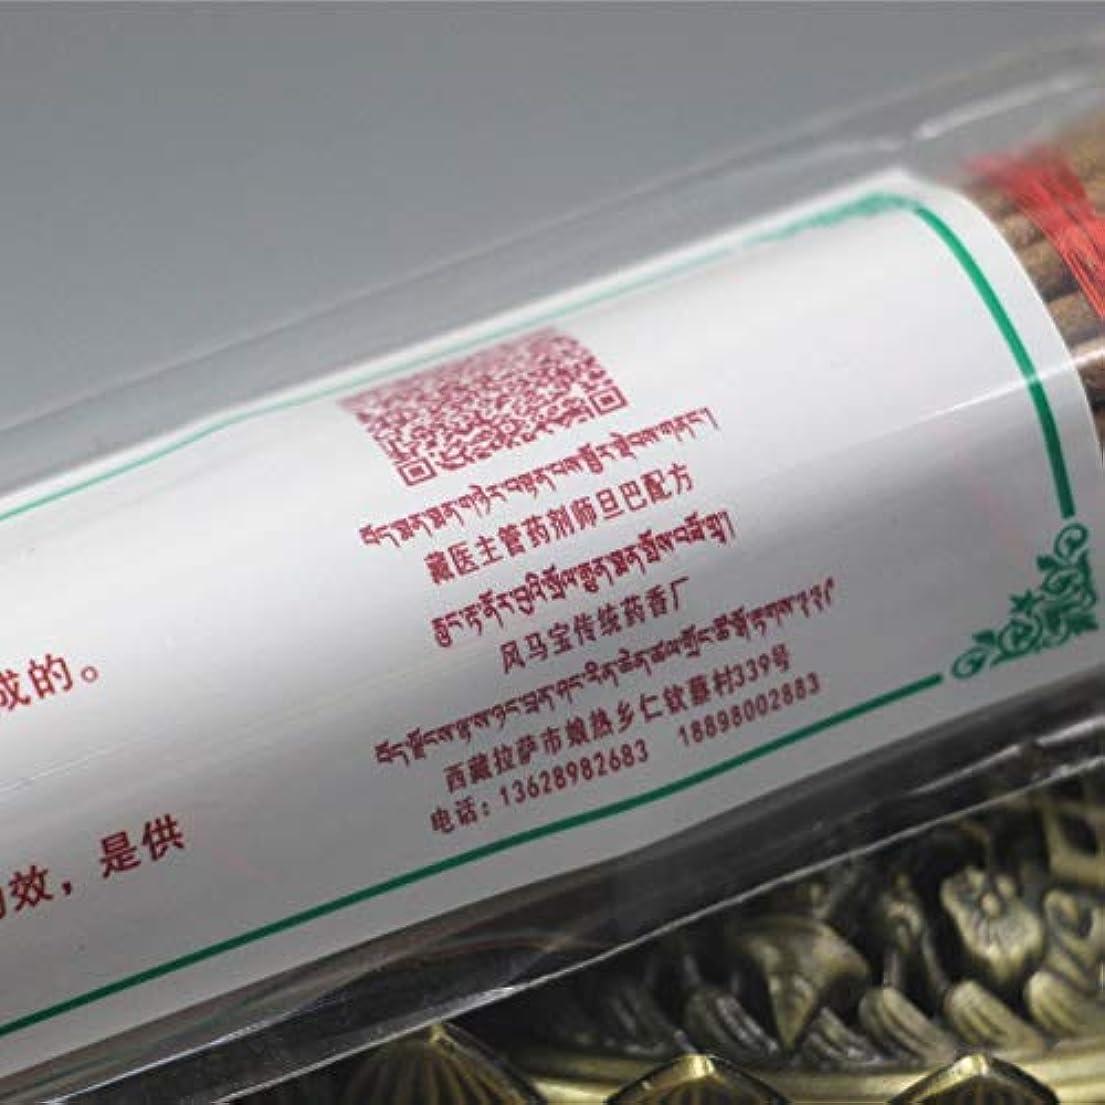 デモンストレーション曲げる該当するDiatems - 沈香の宝物チベットのお香チベット手作りの純粋な植物自然医学の香りの家の38人のフレーバーがスリープアロマ香の助けを落ち着かせます